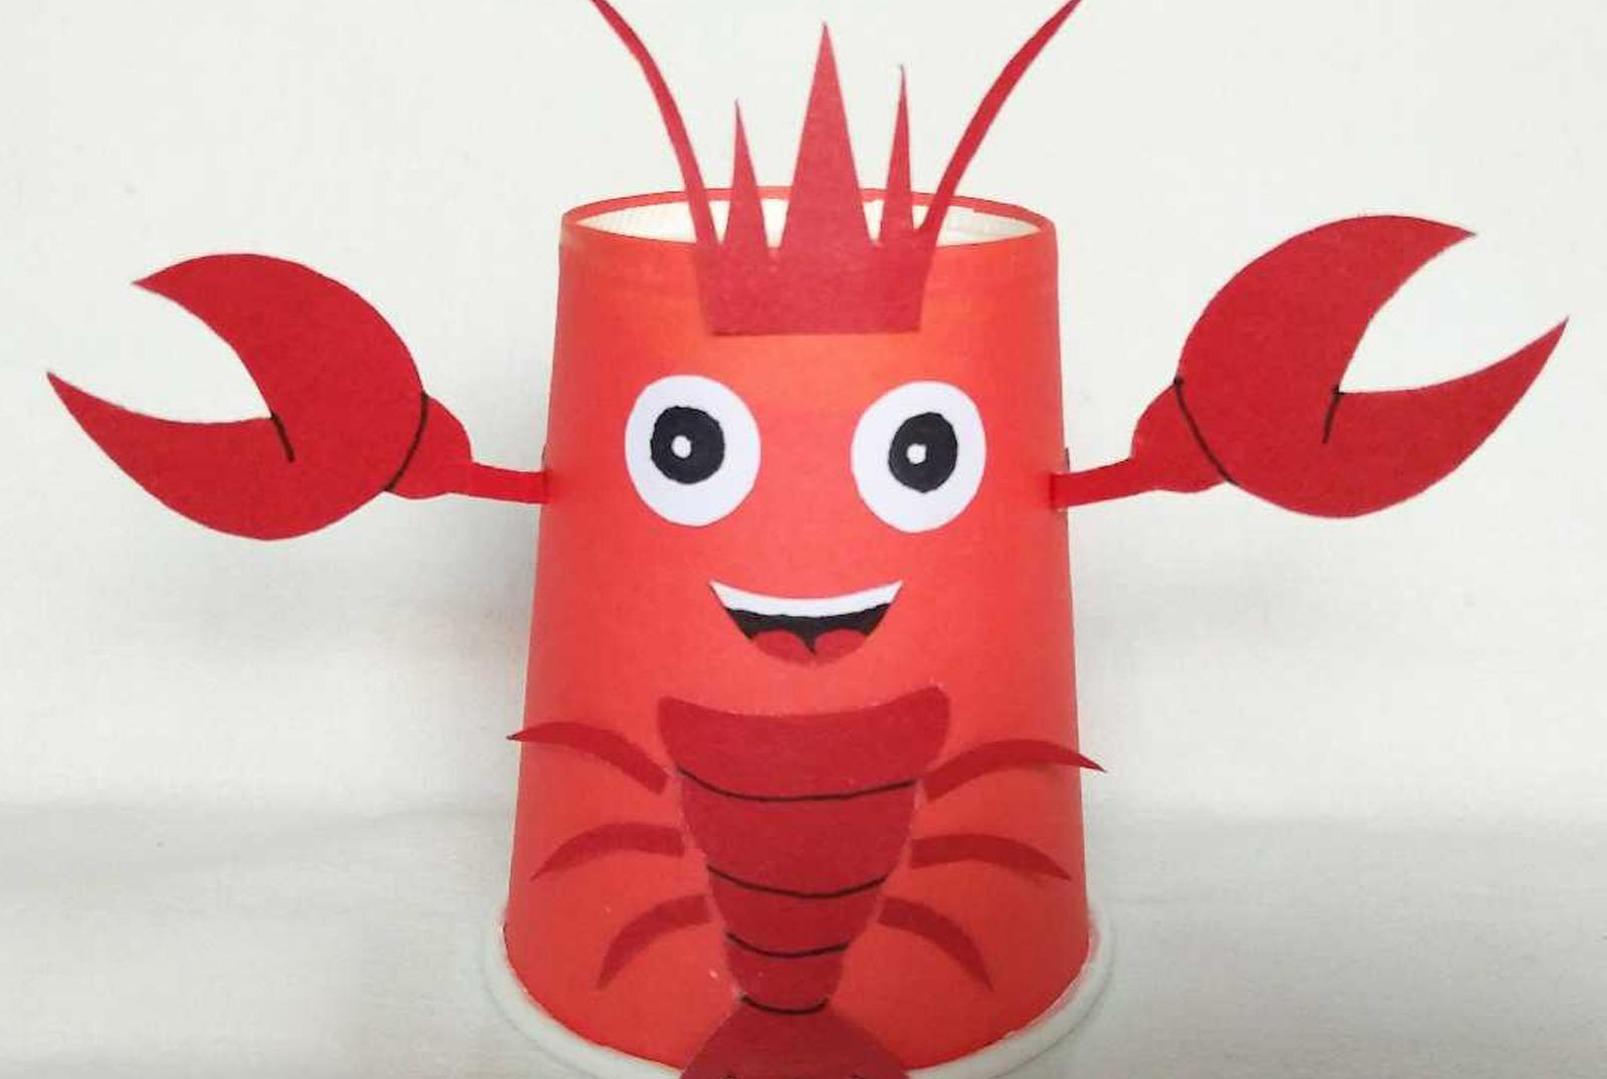 视频-手工diy创意教程:孩子轻松利用纸杯工艺制作小龙虾几分钟学会